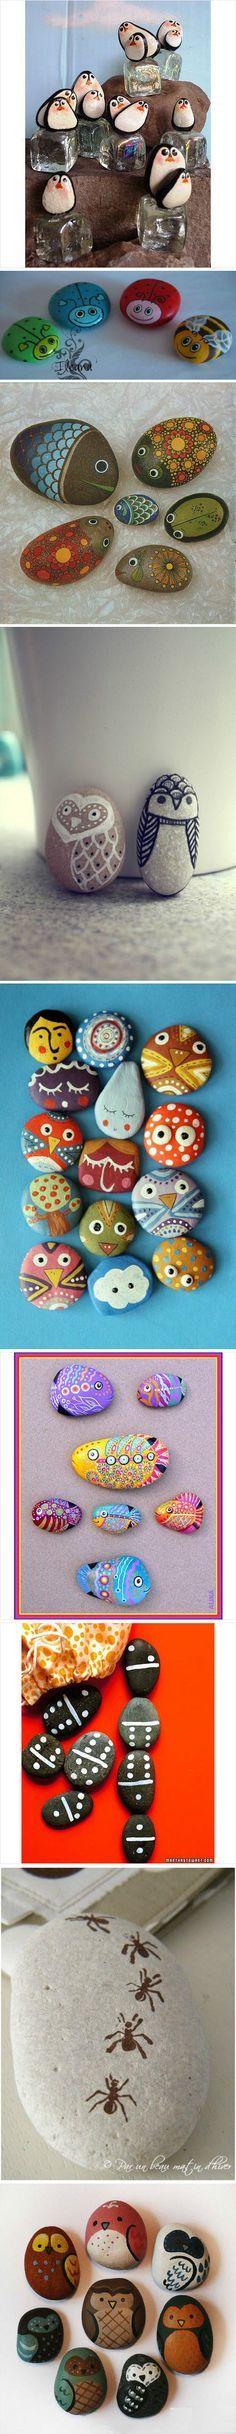 Bemalte Steine (Pinguine)